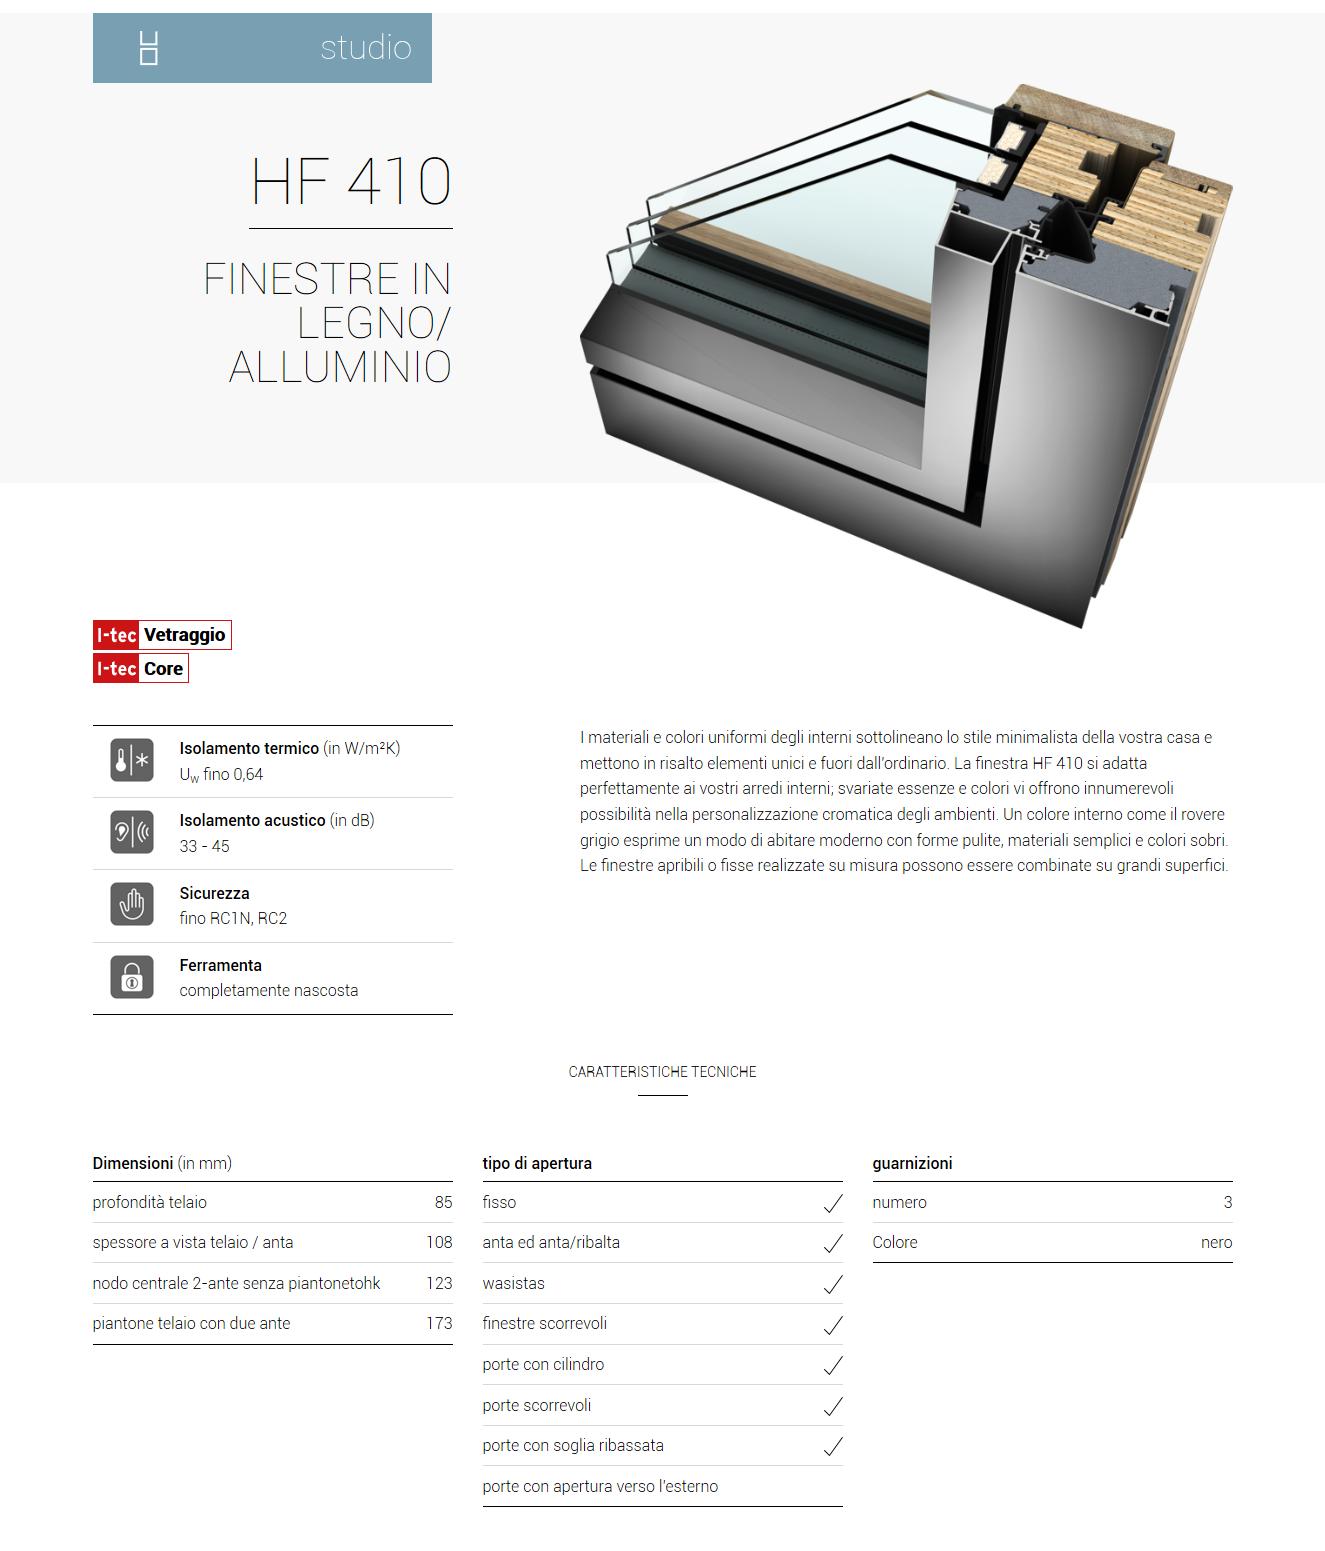 hf 410 studio